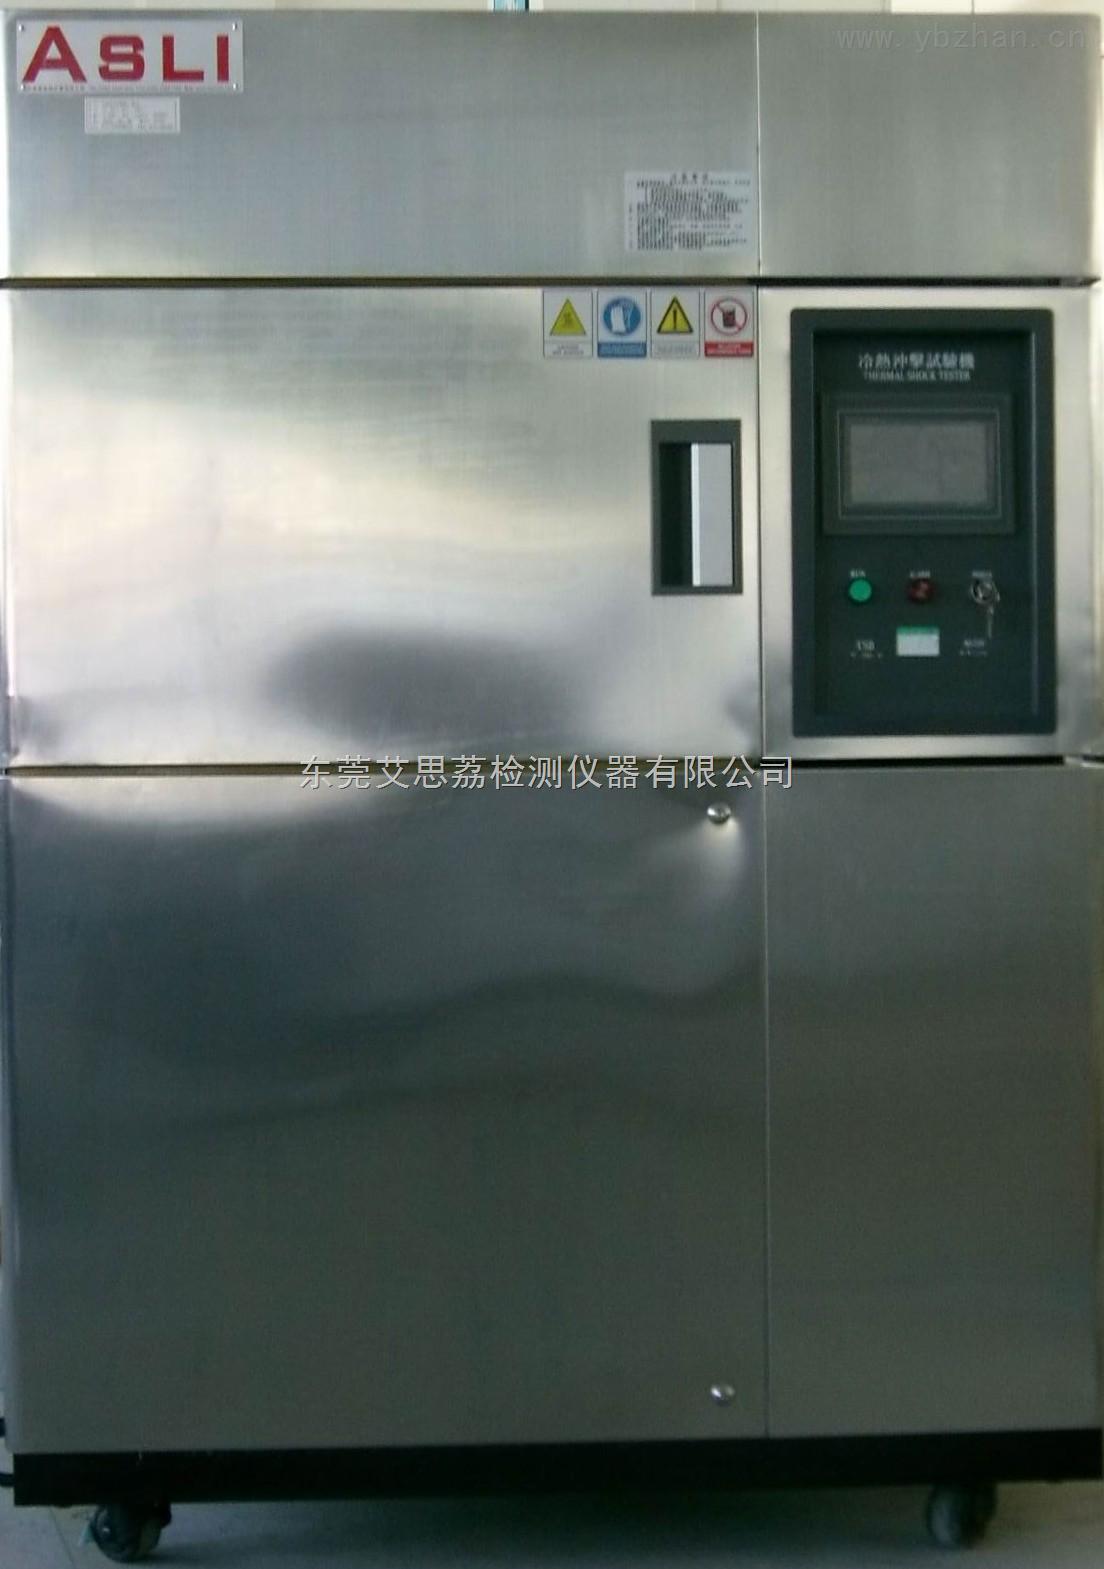 三箱式高低温湿热机压缩机 规格 厂家直销